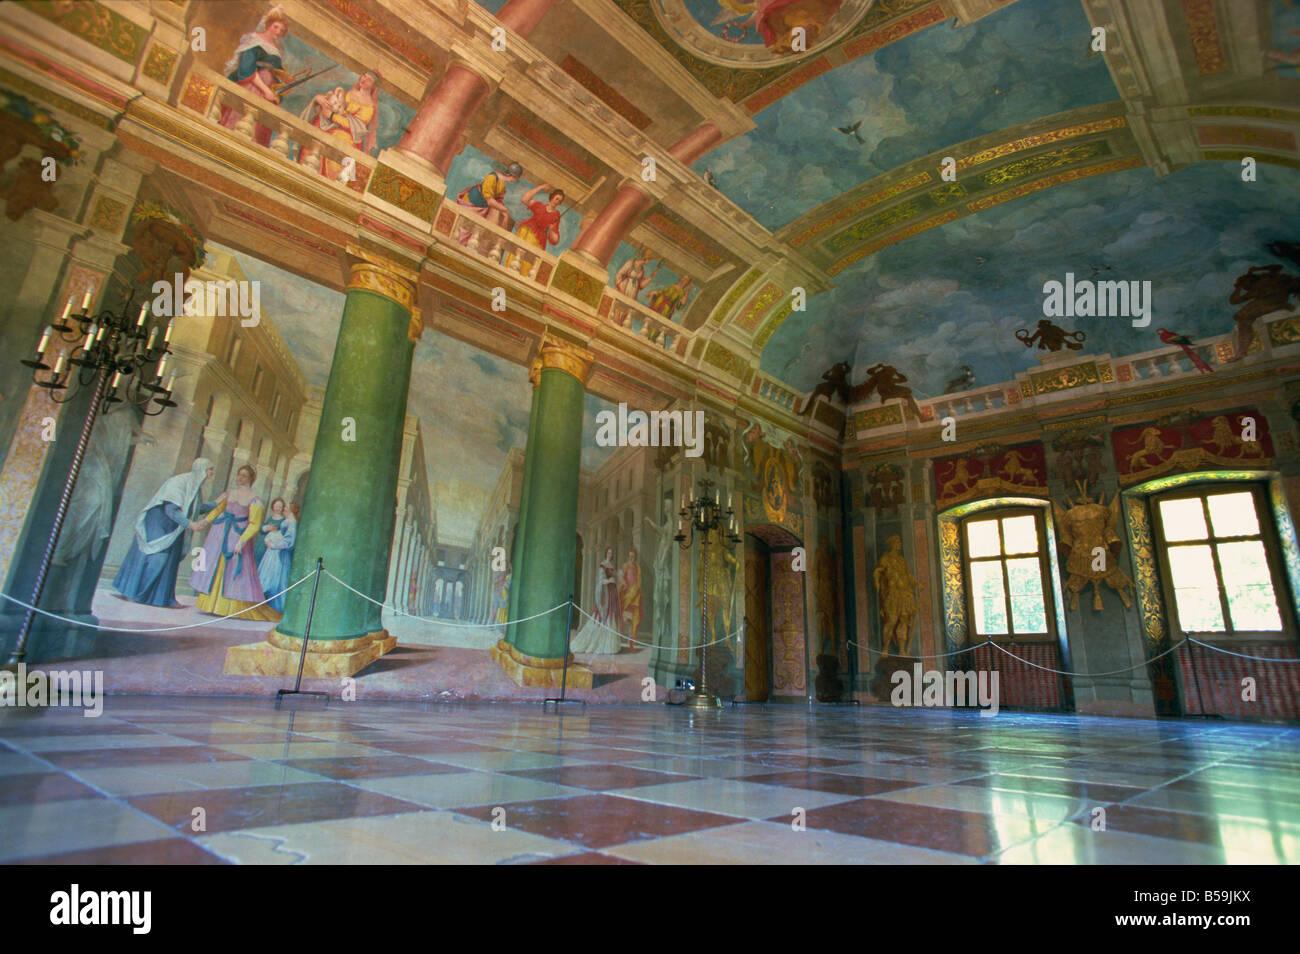 Schloss Hellbrunn Stock Photos & Schloss Hellbrunn Stock Images